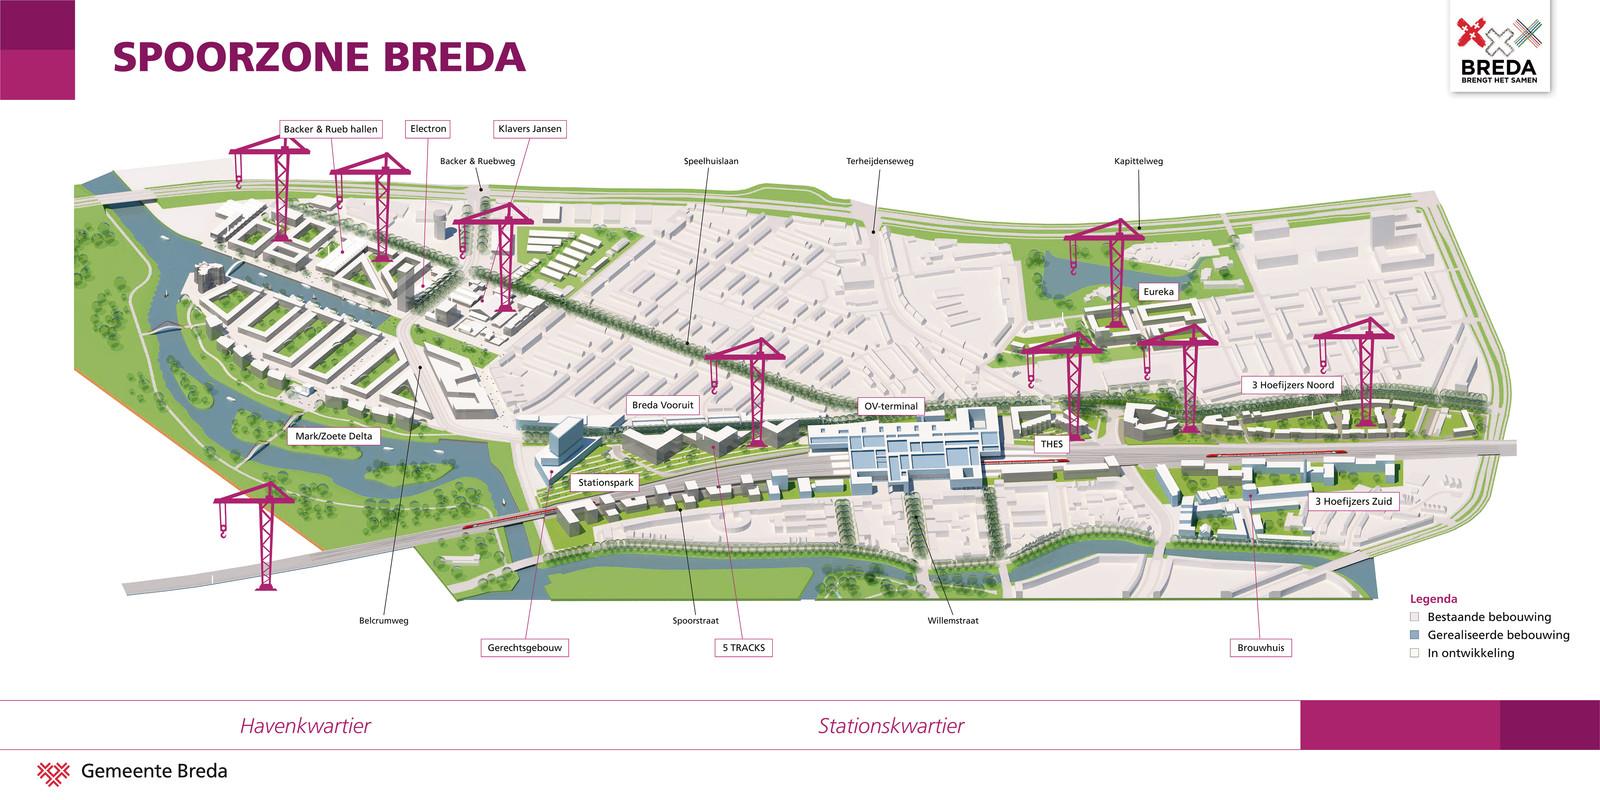 Spoorzone Breda- 'Nieuwe Europese stadswijk aan het water' - Overzichtskaart - Nieuws - 5Tracks Breda